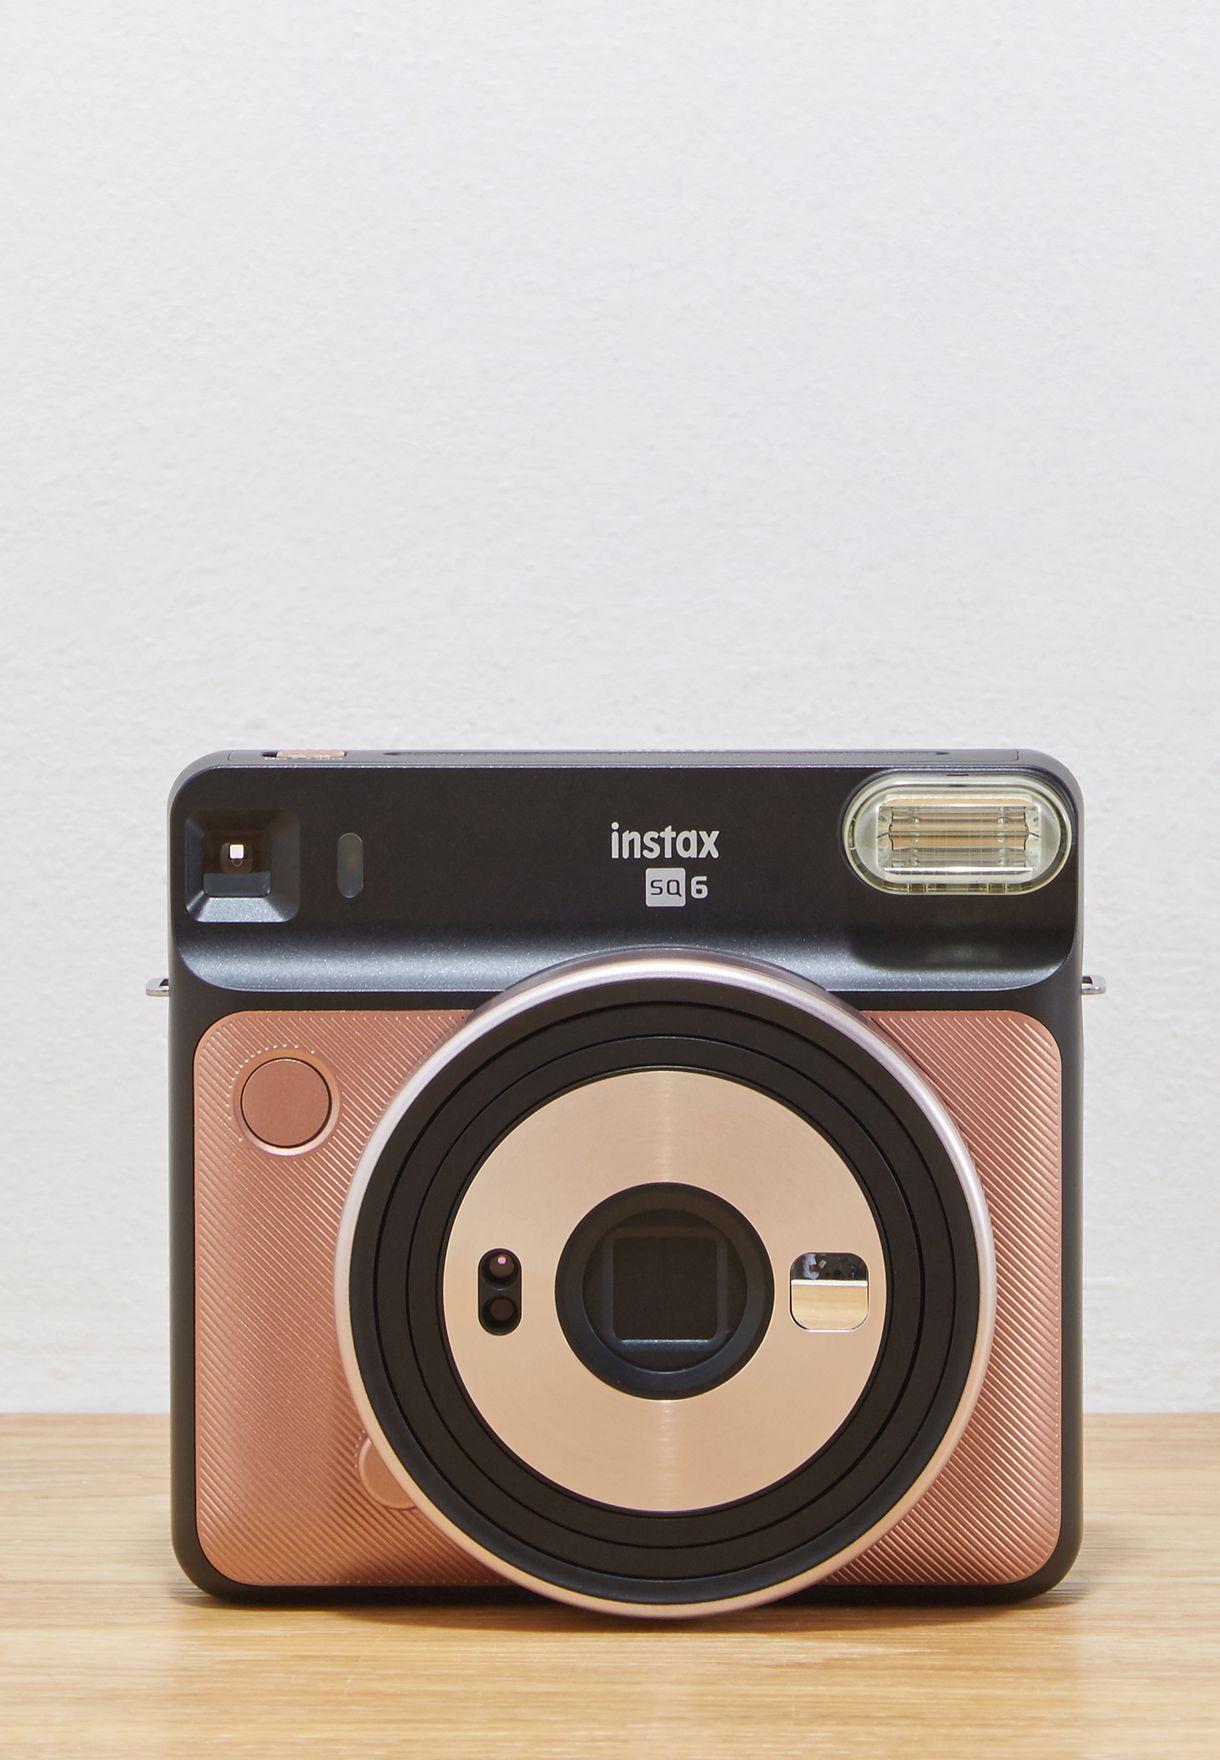 Instax SQ6 Square Camera